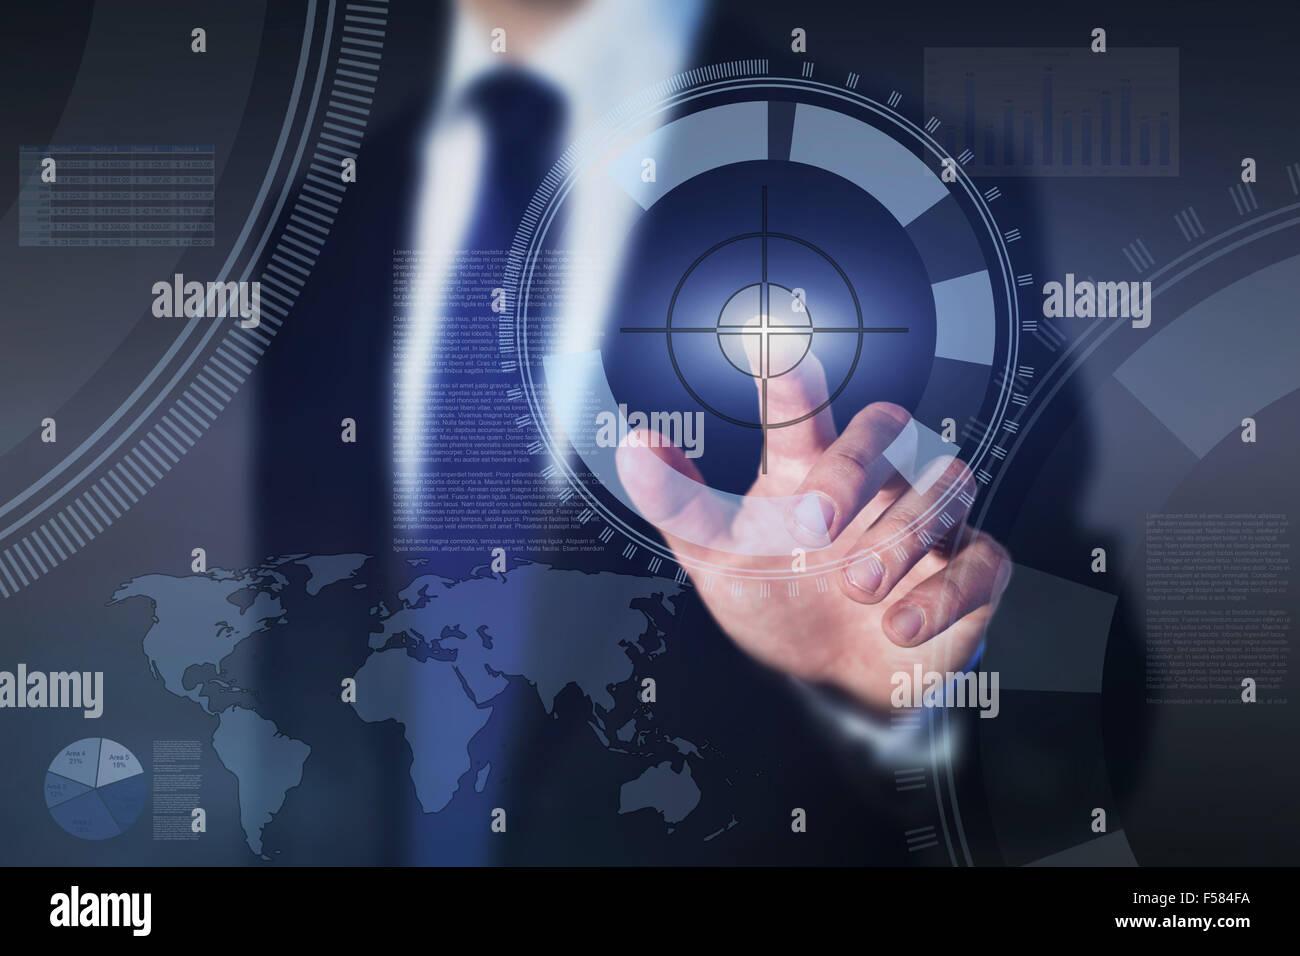 La gestion d'entreprise réussie, concept abstrait Banque D'Images